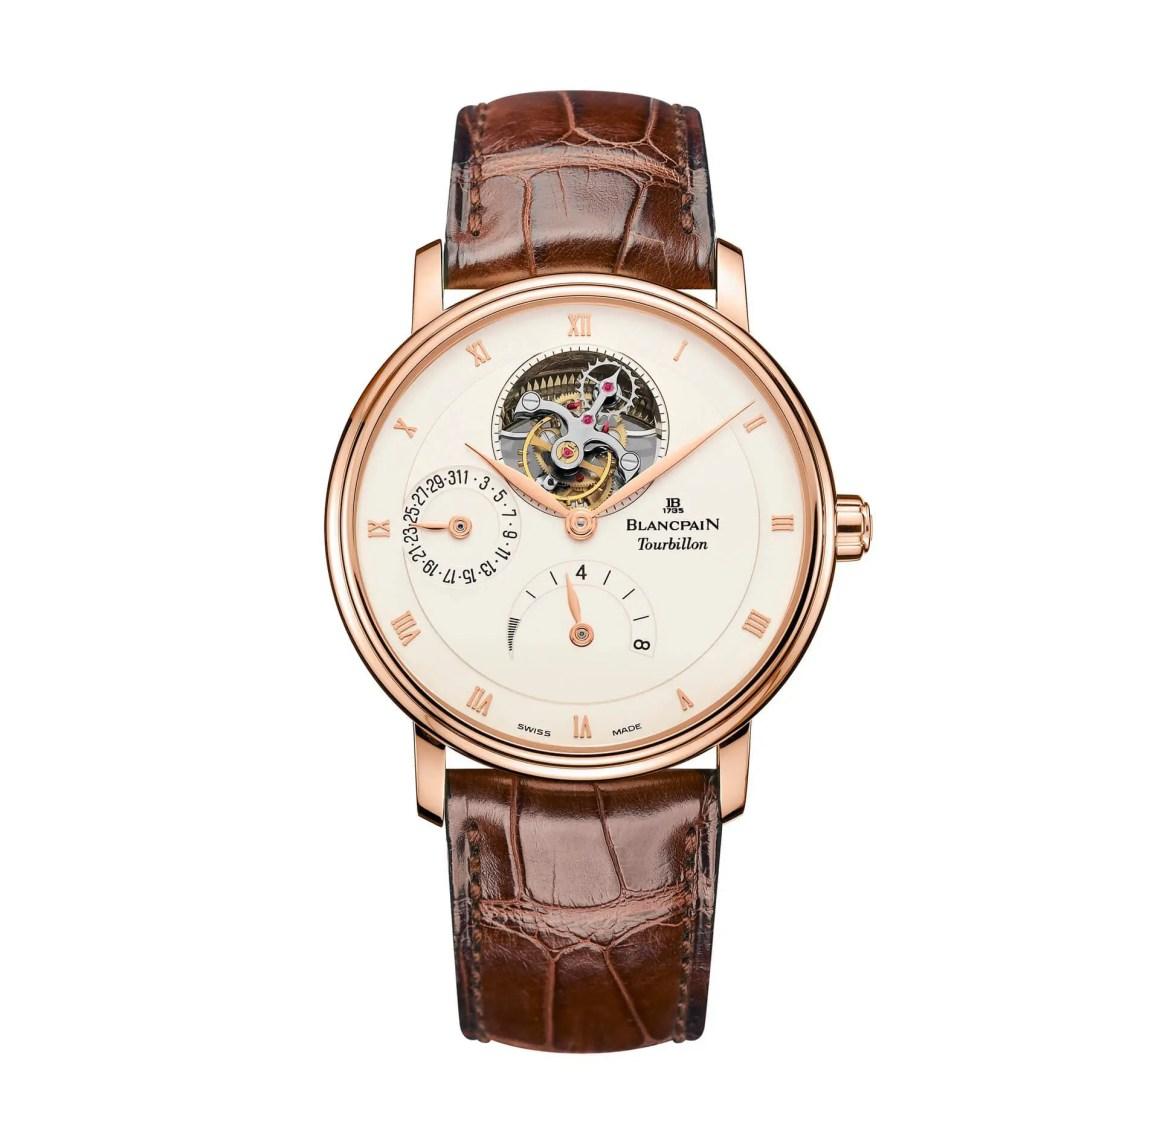 Blancpain Villeret Tourbillon Watch - Ape to Gentleman